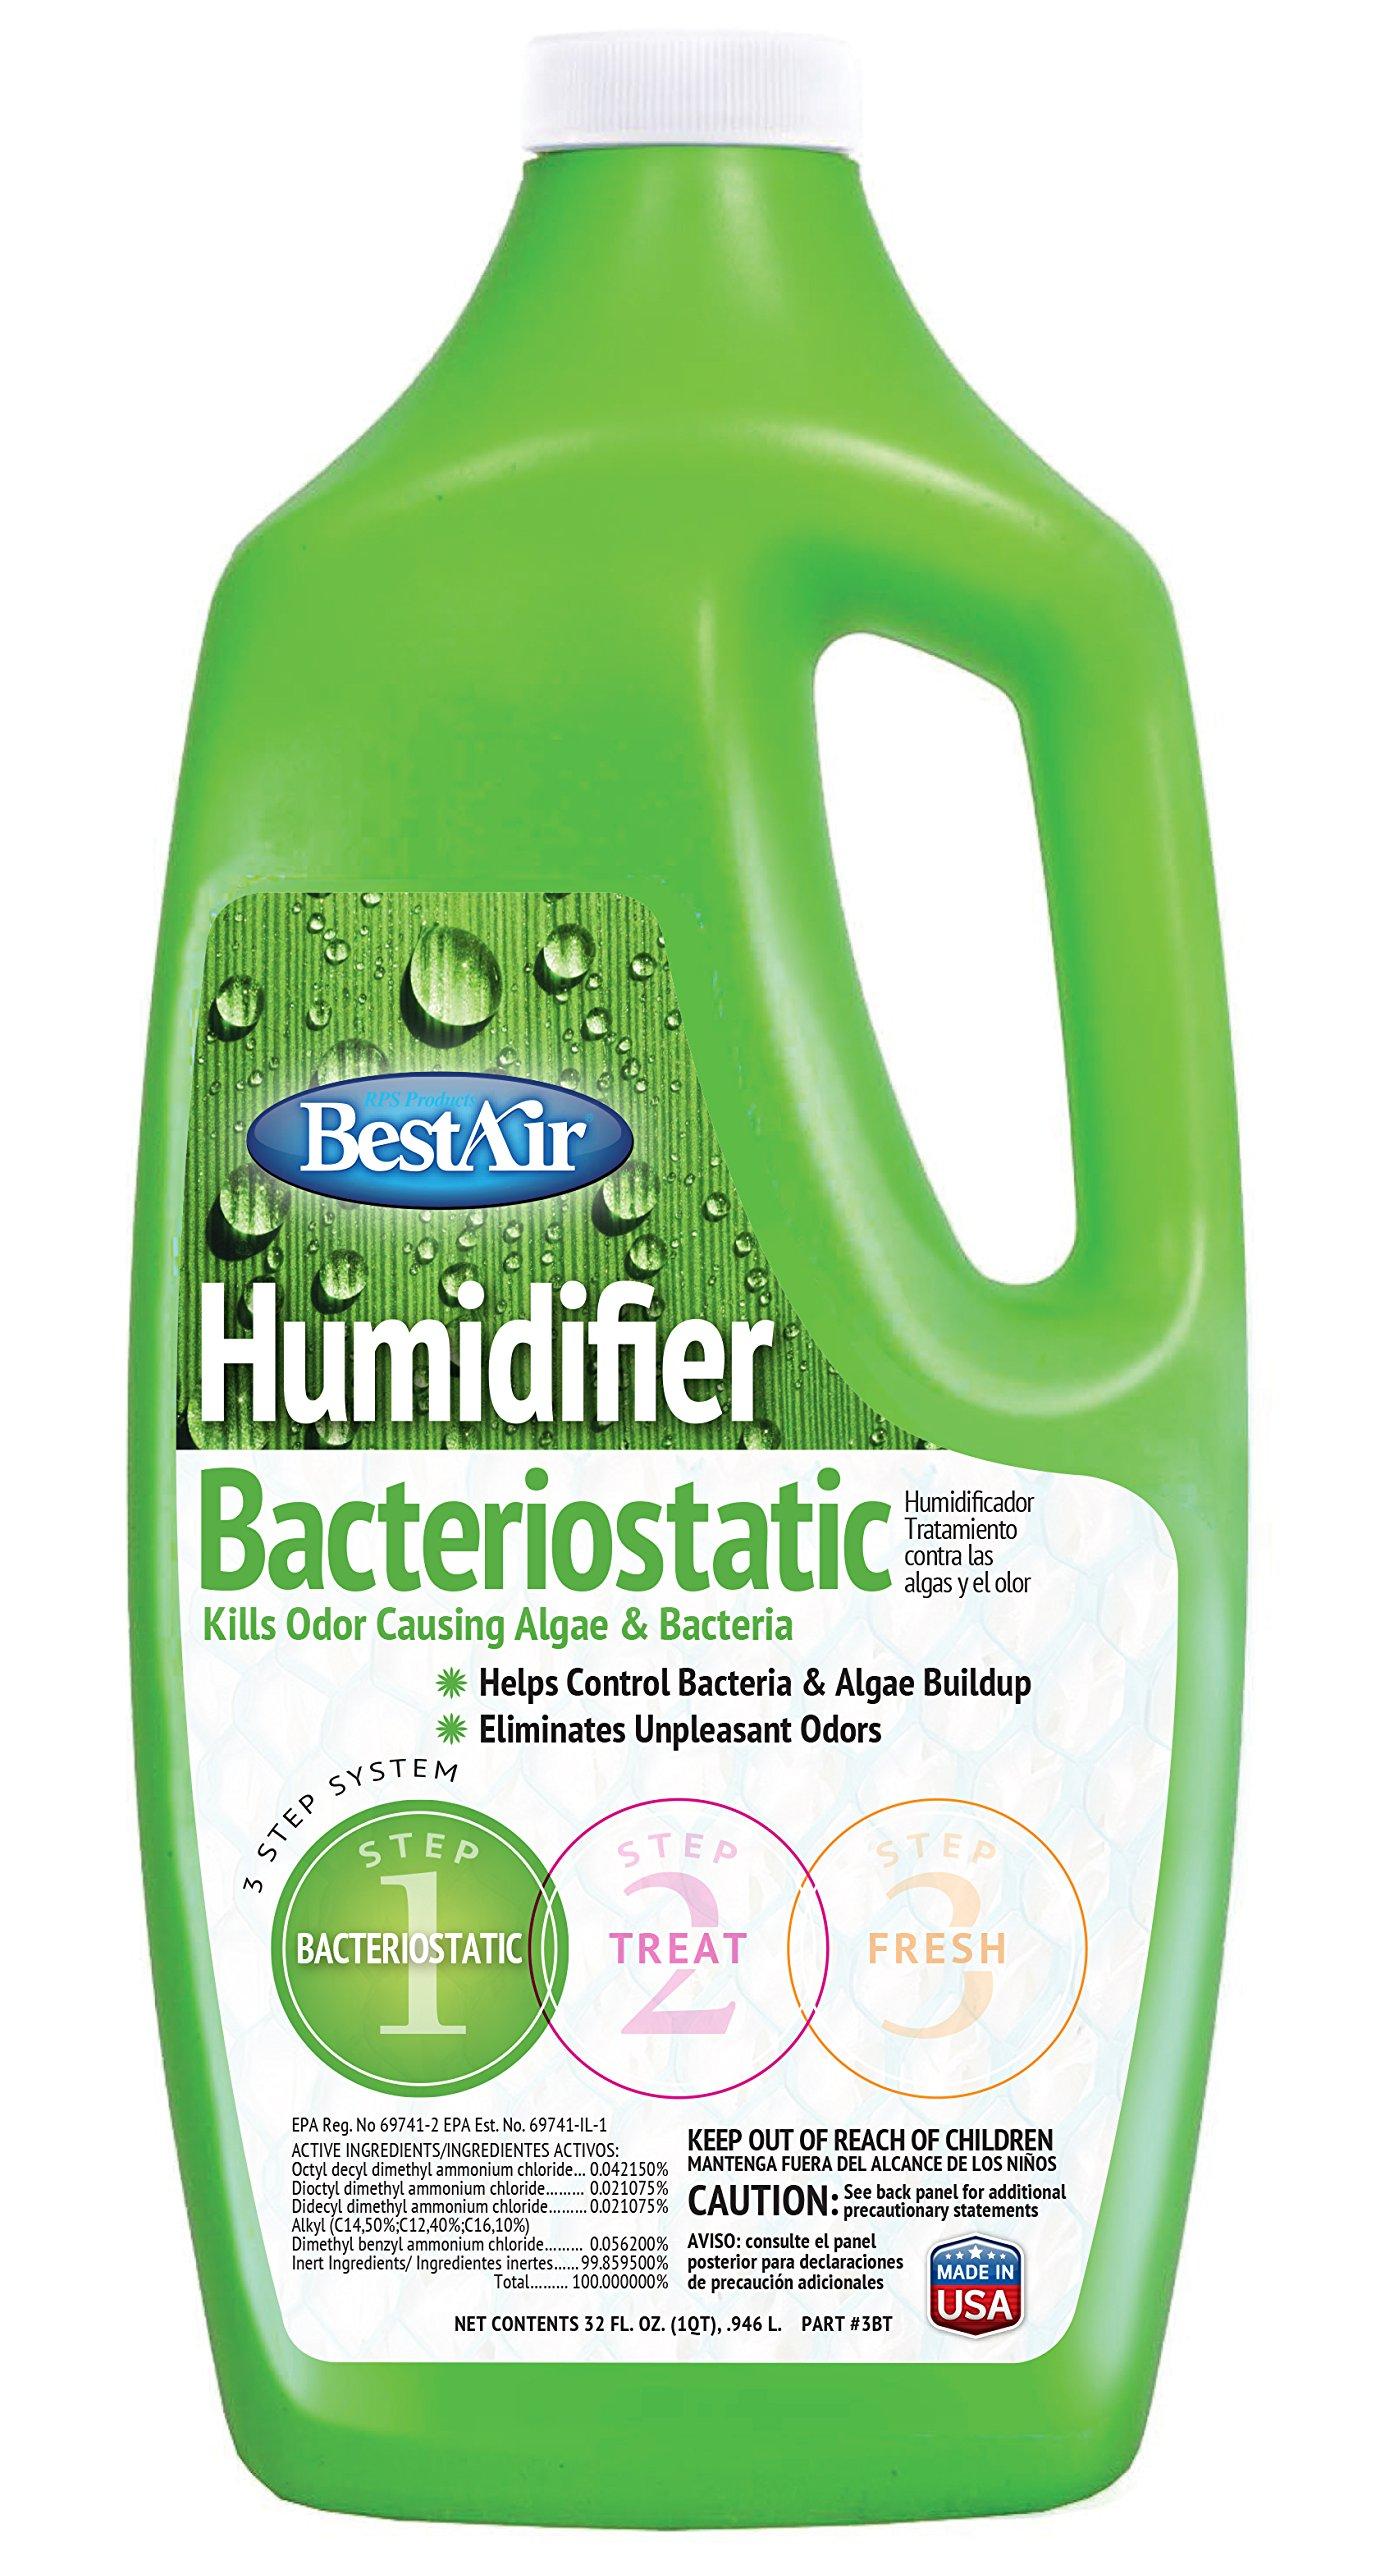 BestAir 3BT, Original BT Humidifier Bacteriostatic Water Treatment, 32 oz